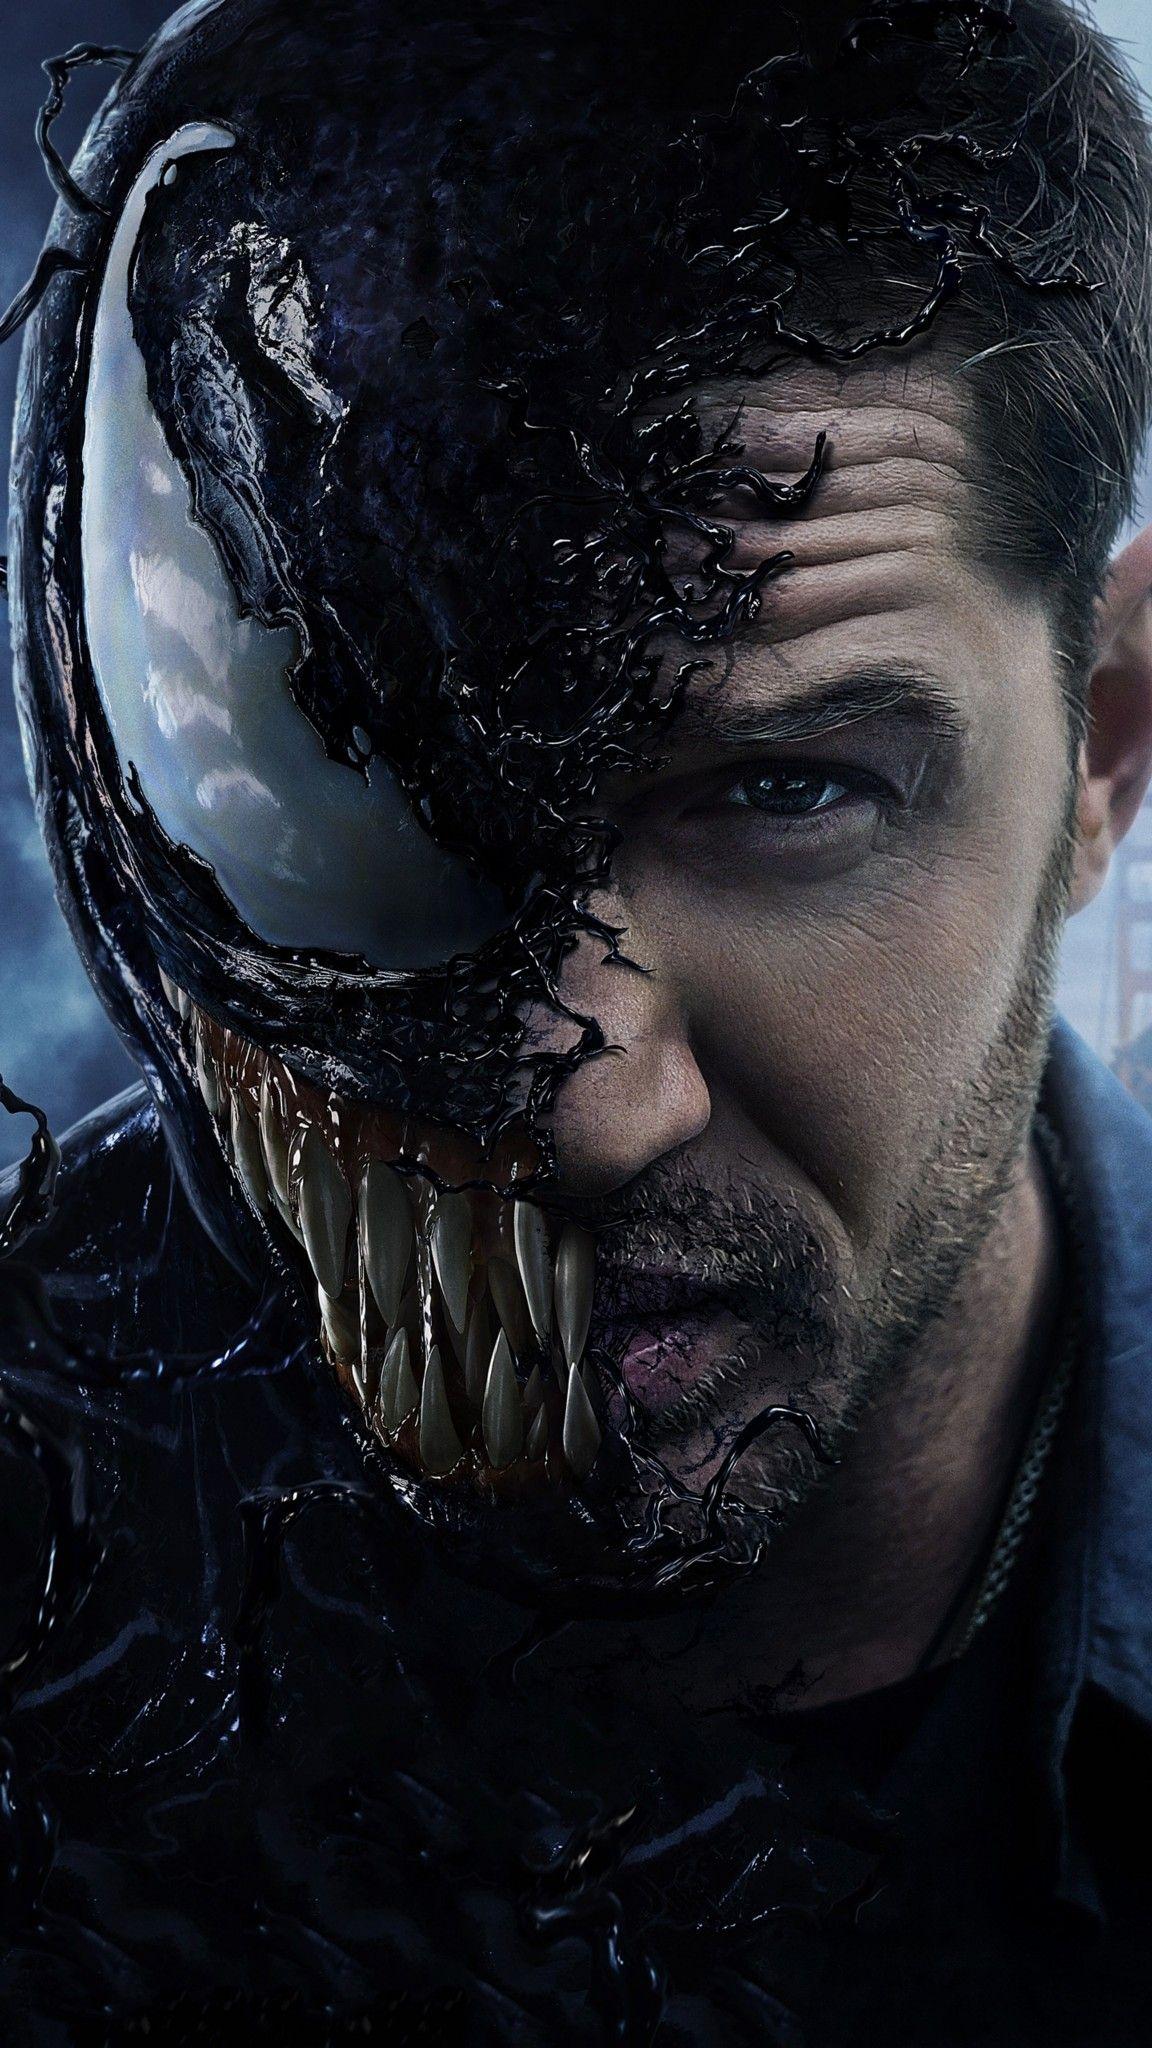 Pin De Natalya Chernousova Em Raznoe Venom Filme Venom Da Marvel